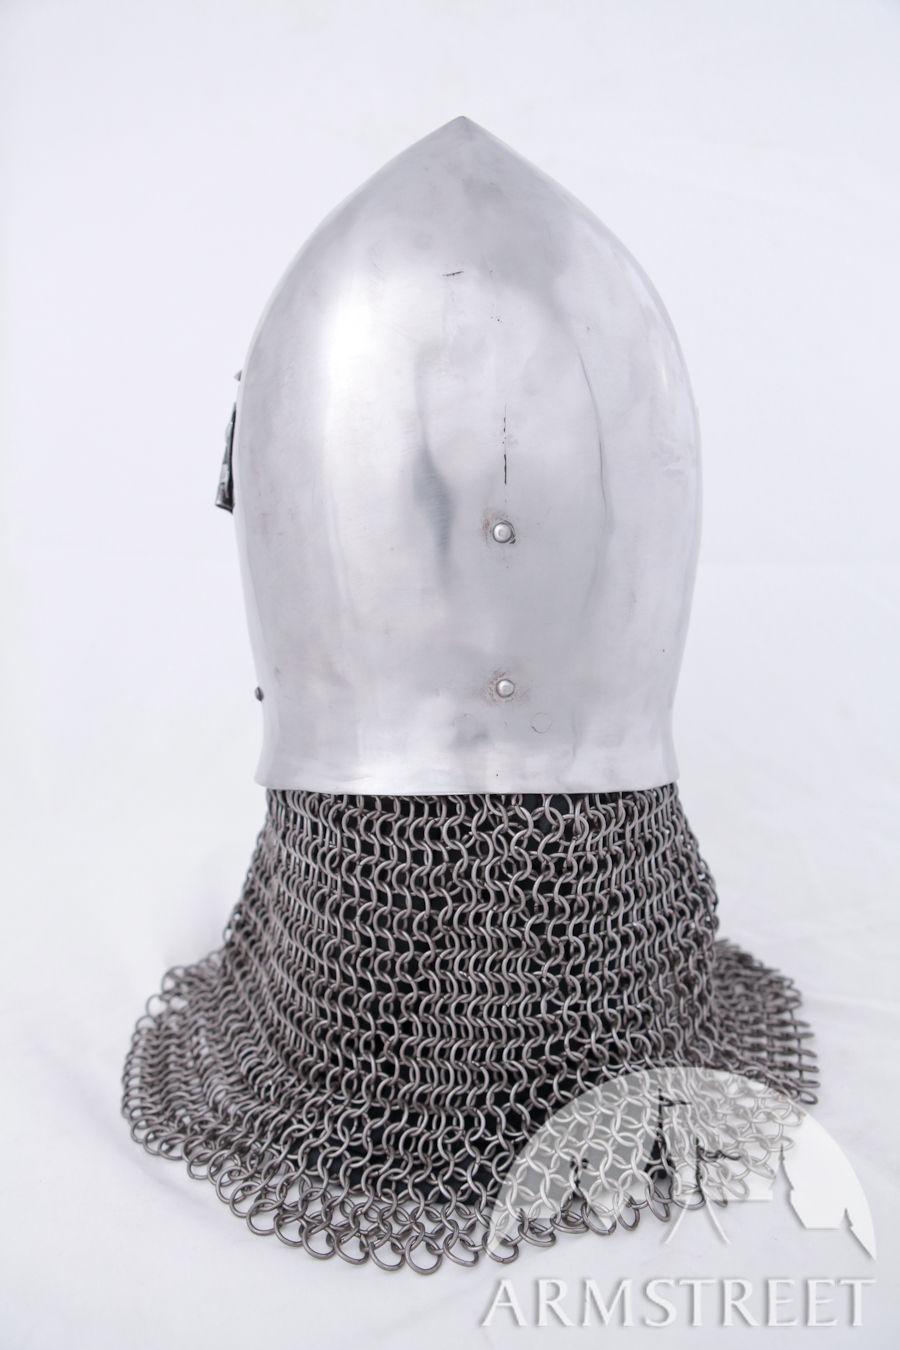 Turkey For Sale >> Great quality handmade 14 ga grand bascinet helmet for ...